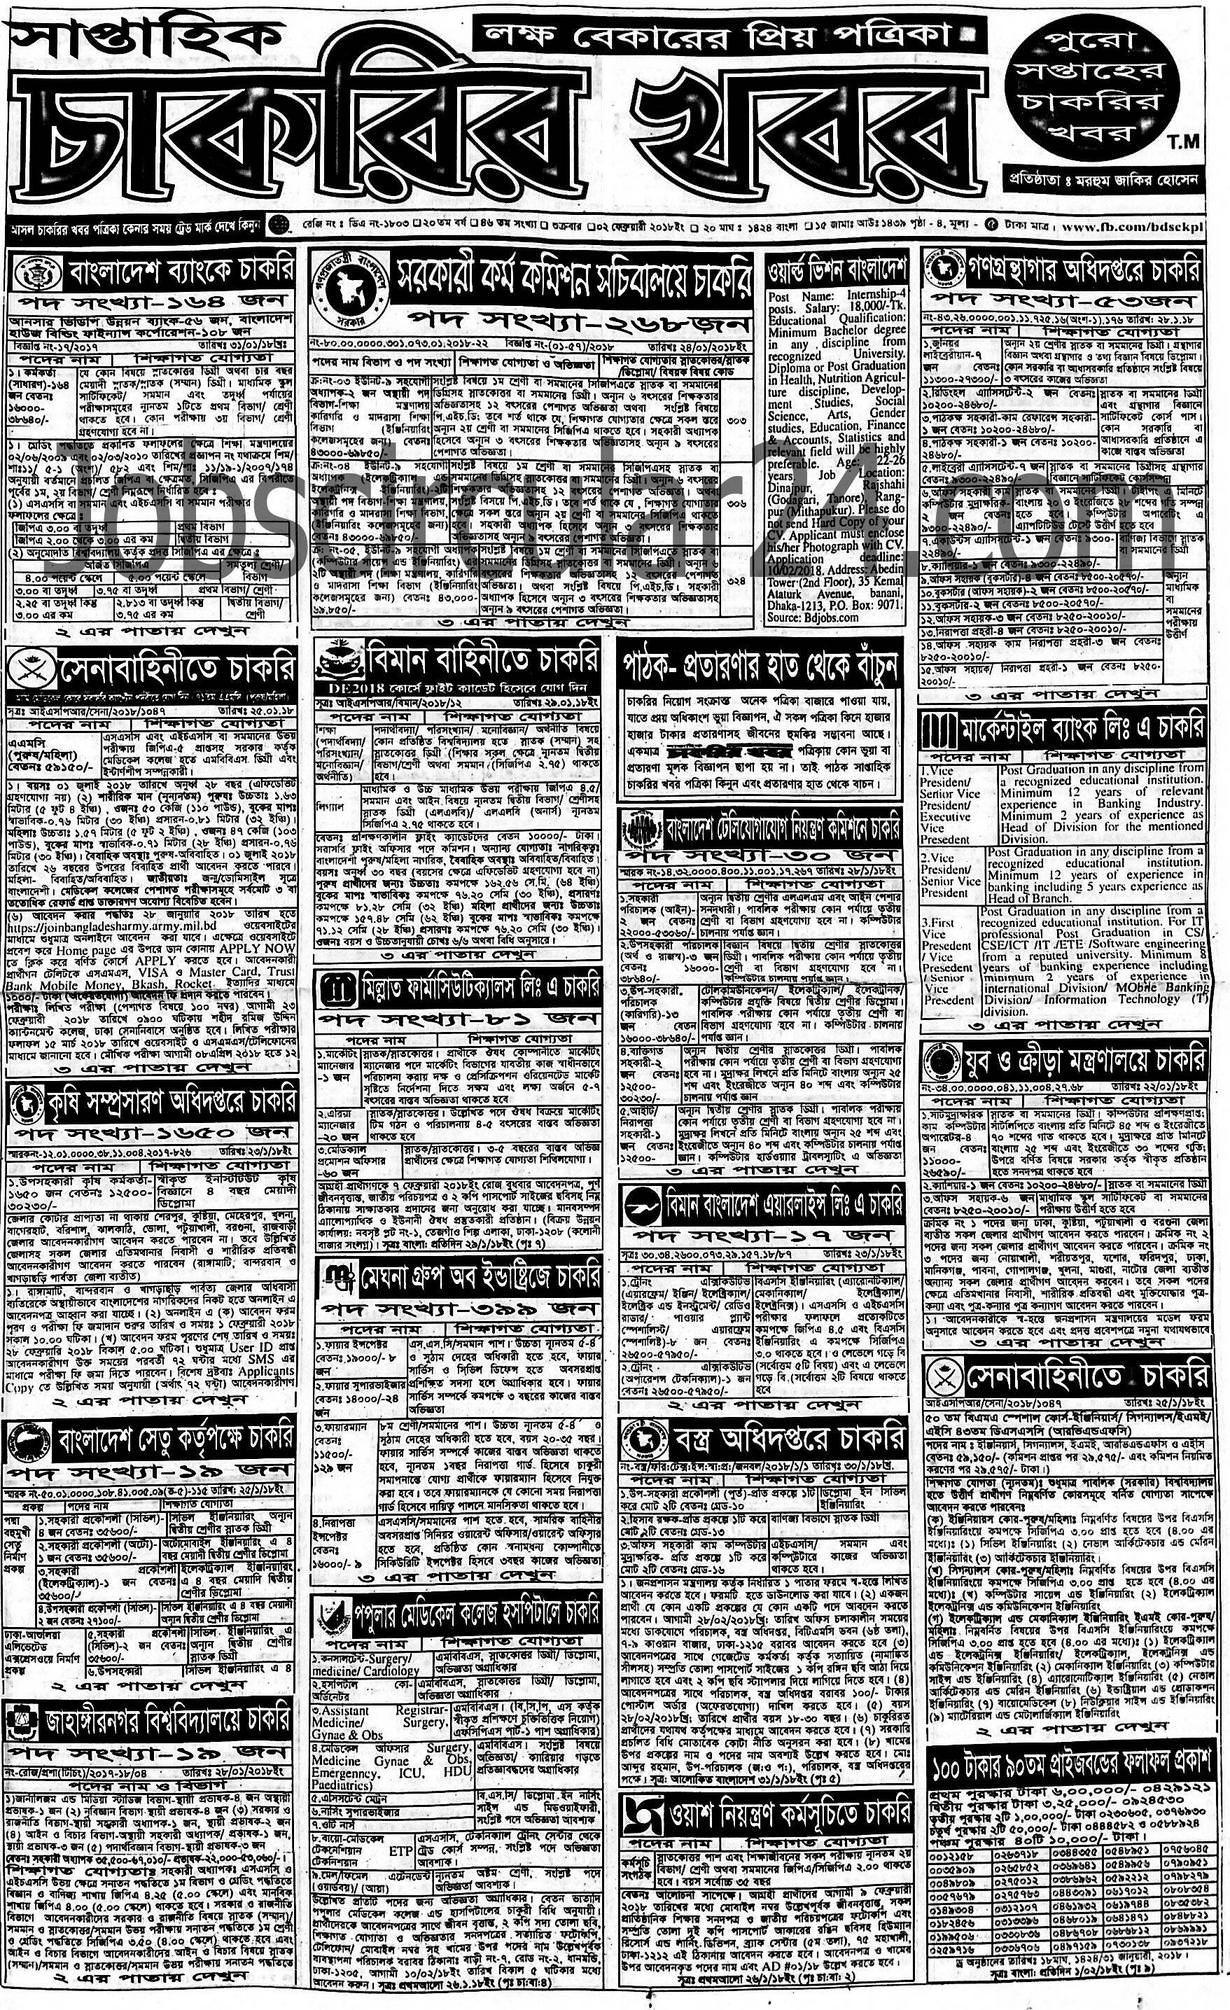 Bangla Newspaper - greekcamfort's diary